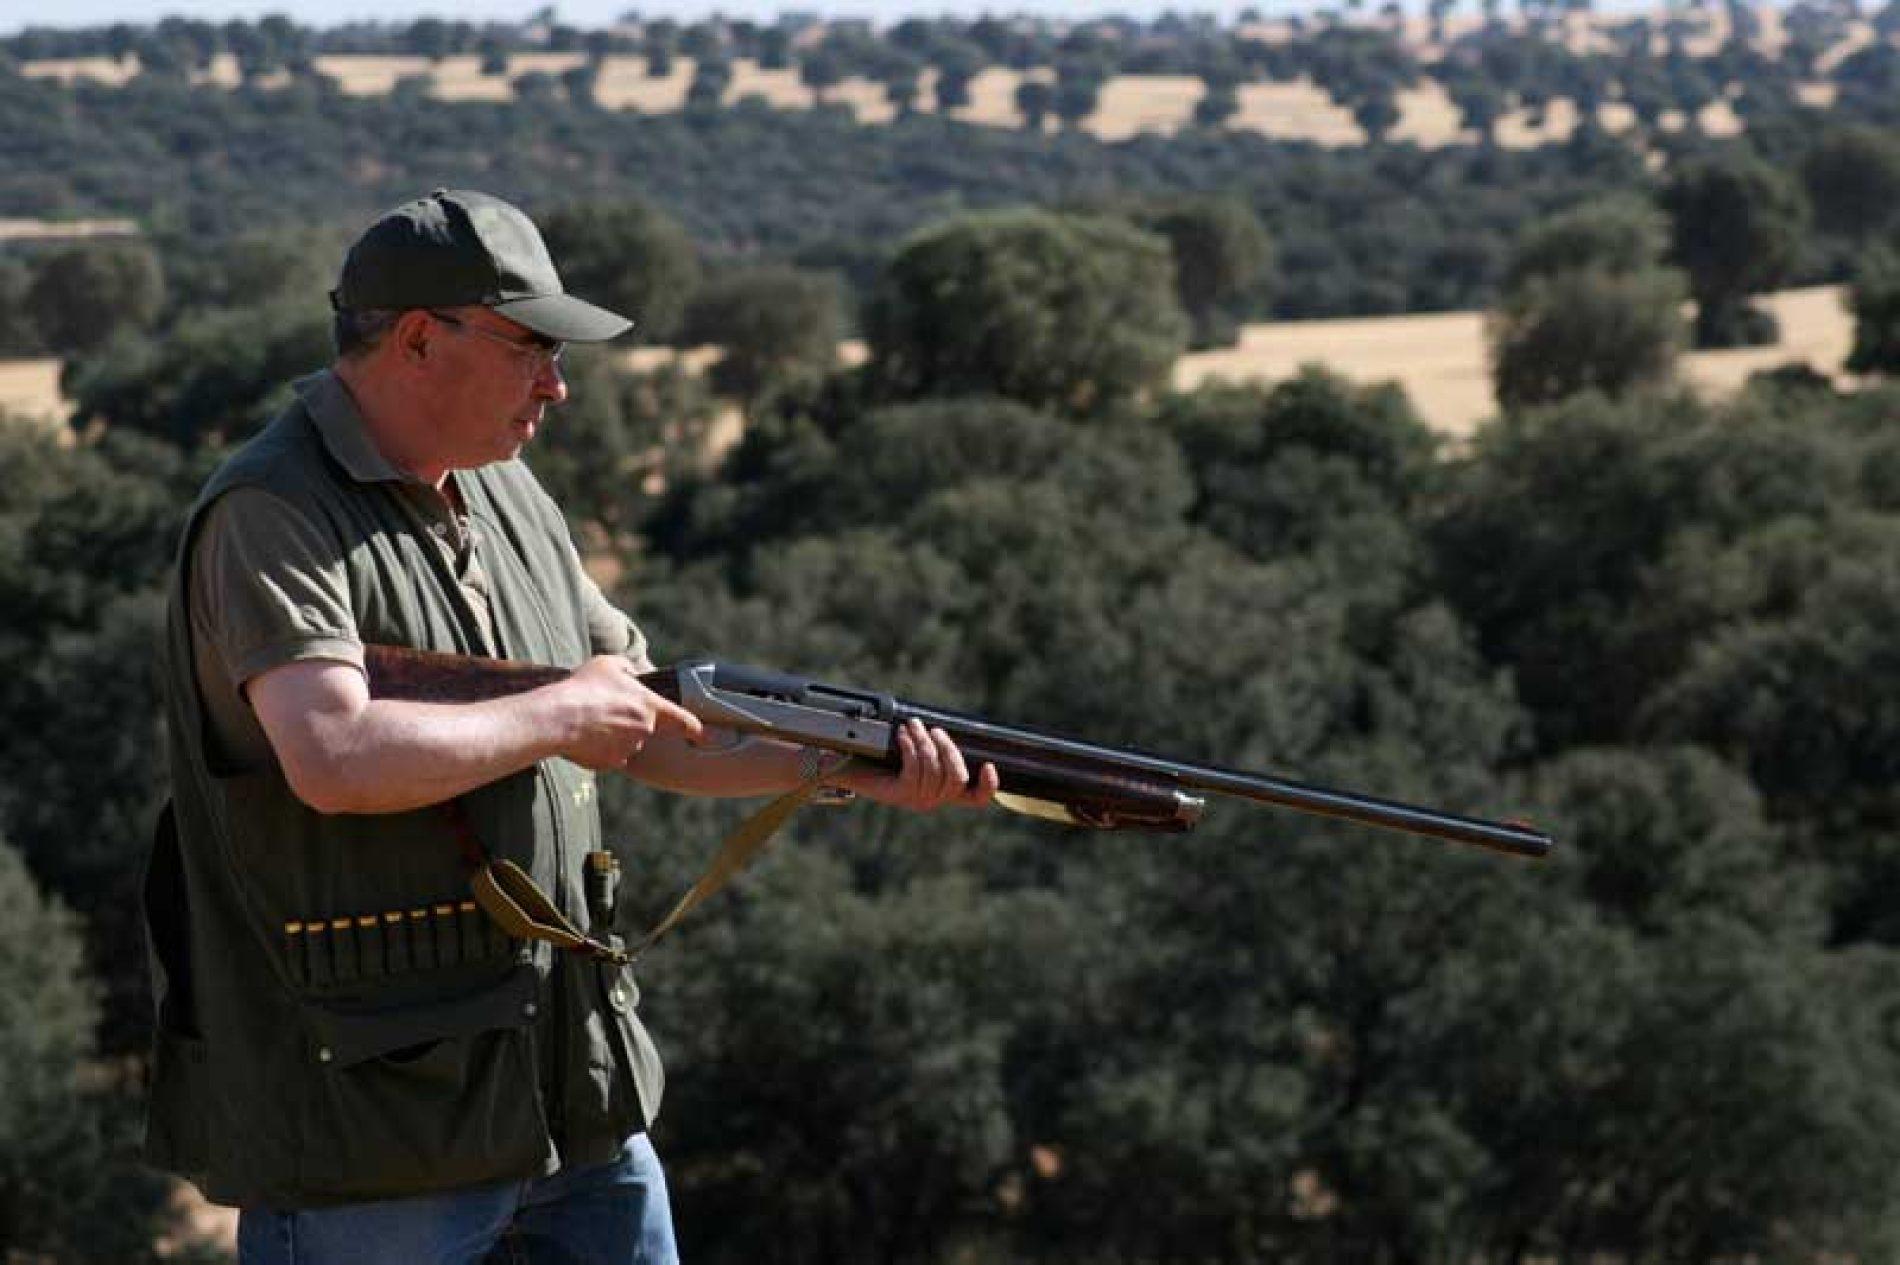 La mejor selección de escopetas, chokes y cargas para cazar conejos